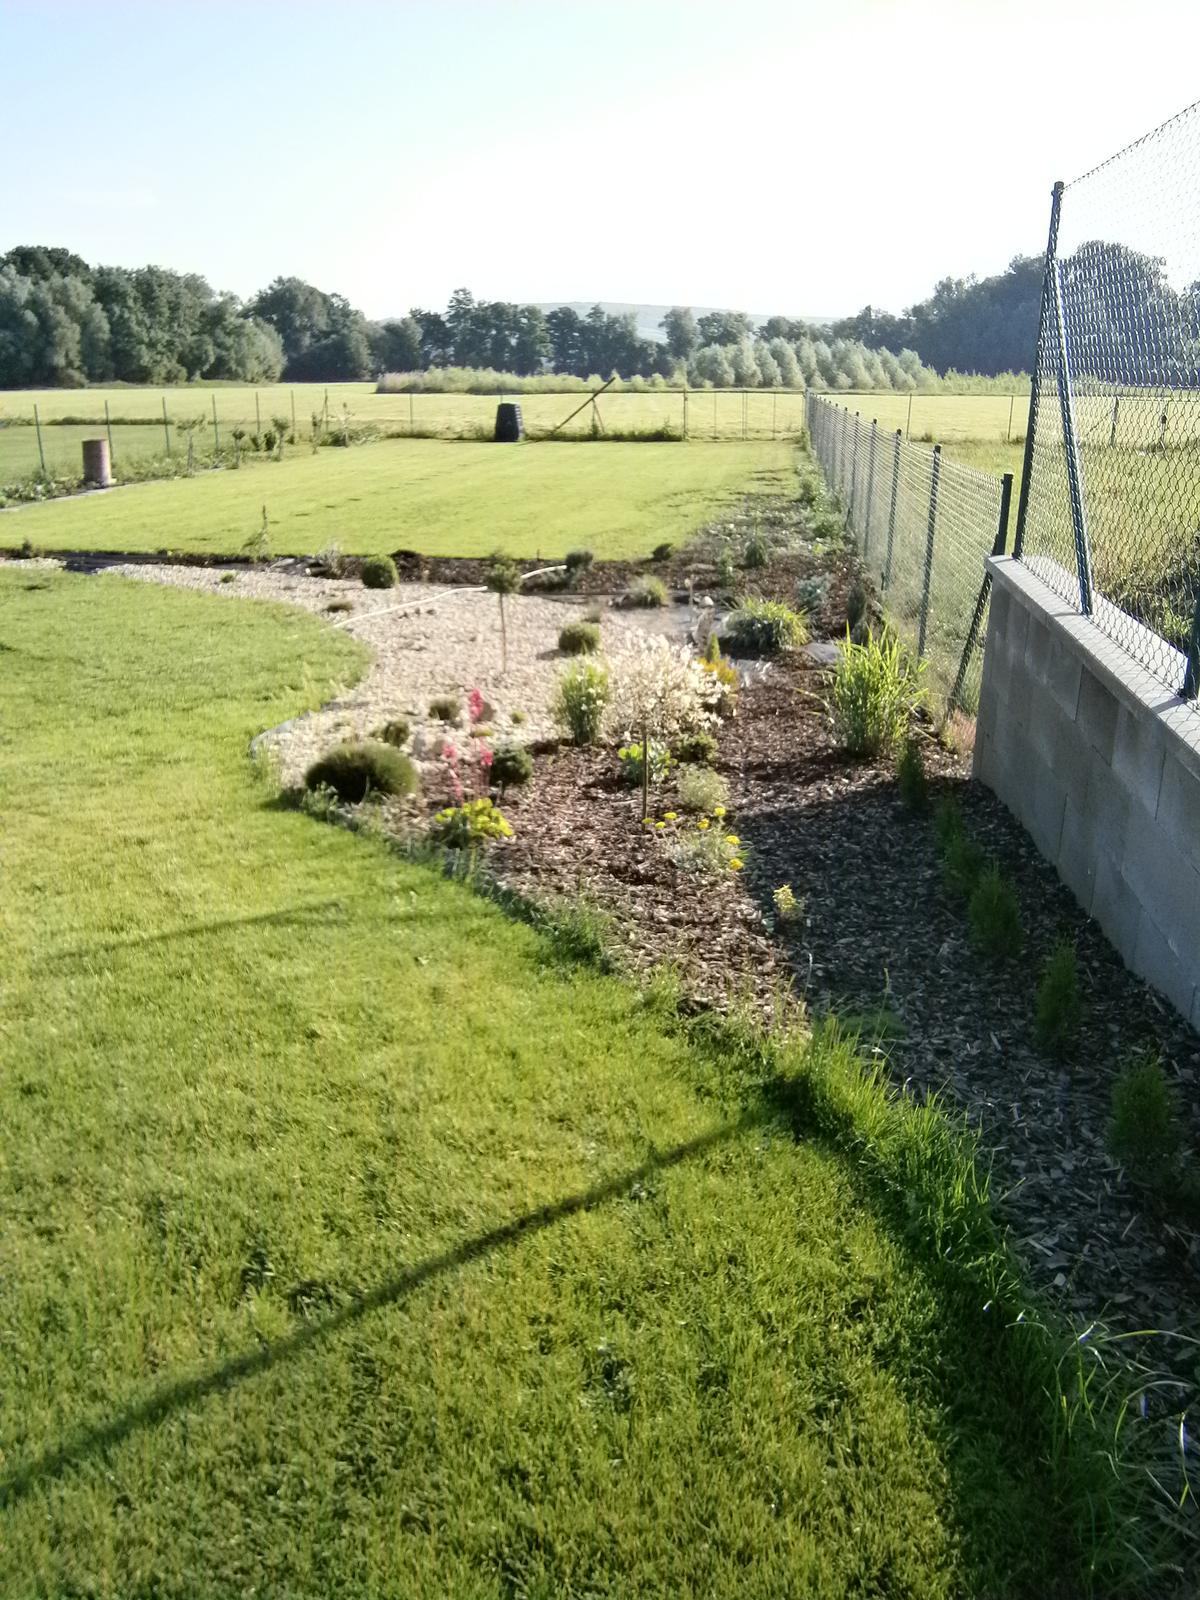 Zahrada a předzahrádka - OKRASNOU ZAHRÁDKU JSEM NAKONEC ODDĚLILA OD UŽITKOVÉ,ZDÁ SE MI TO TAKTO LEPŠÍ ;-)